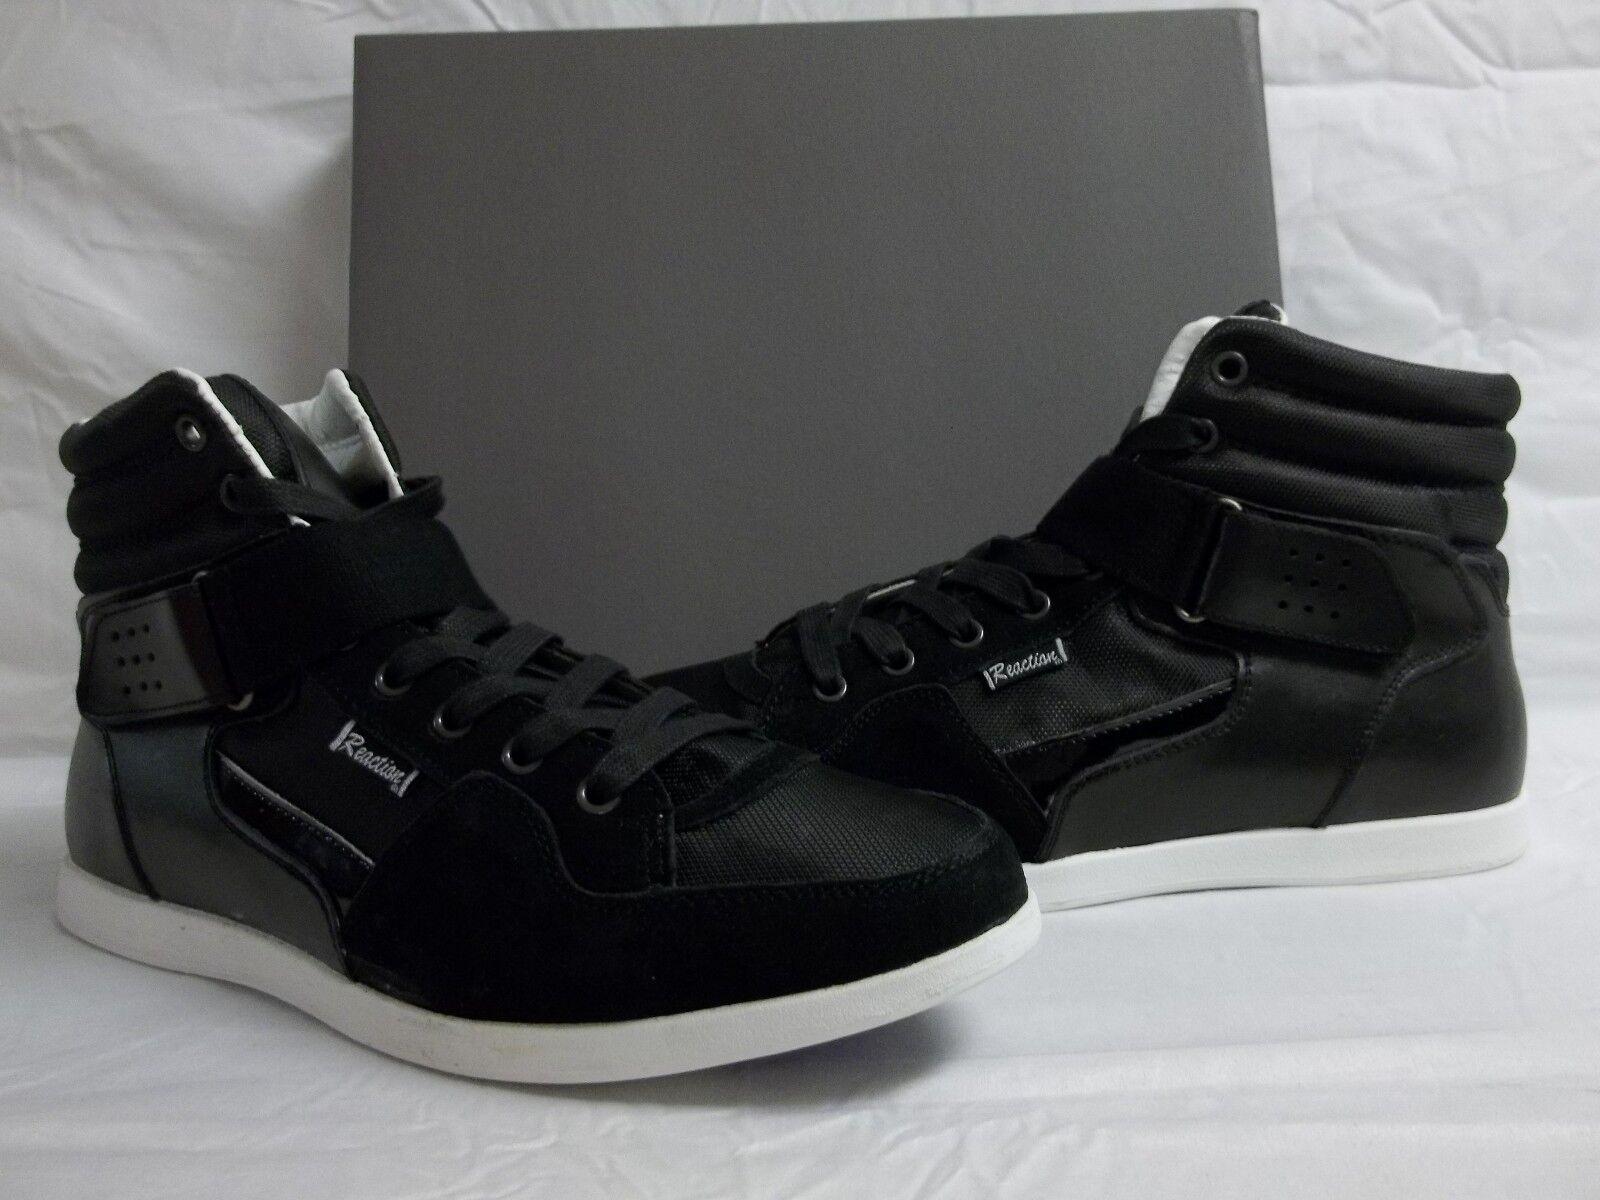 Kenneth Cole Reaction tamaño 9.5 M Brillante Negro Cuero Moda Nuevo Para Hombre Zapatos